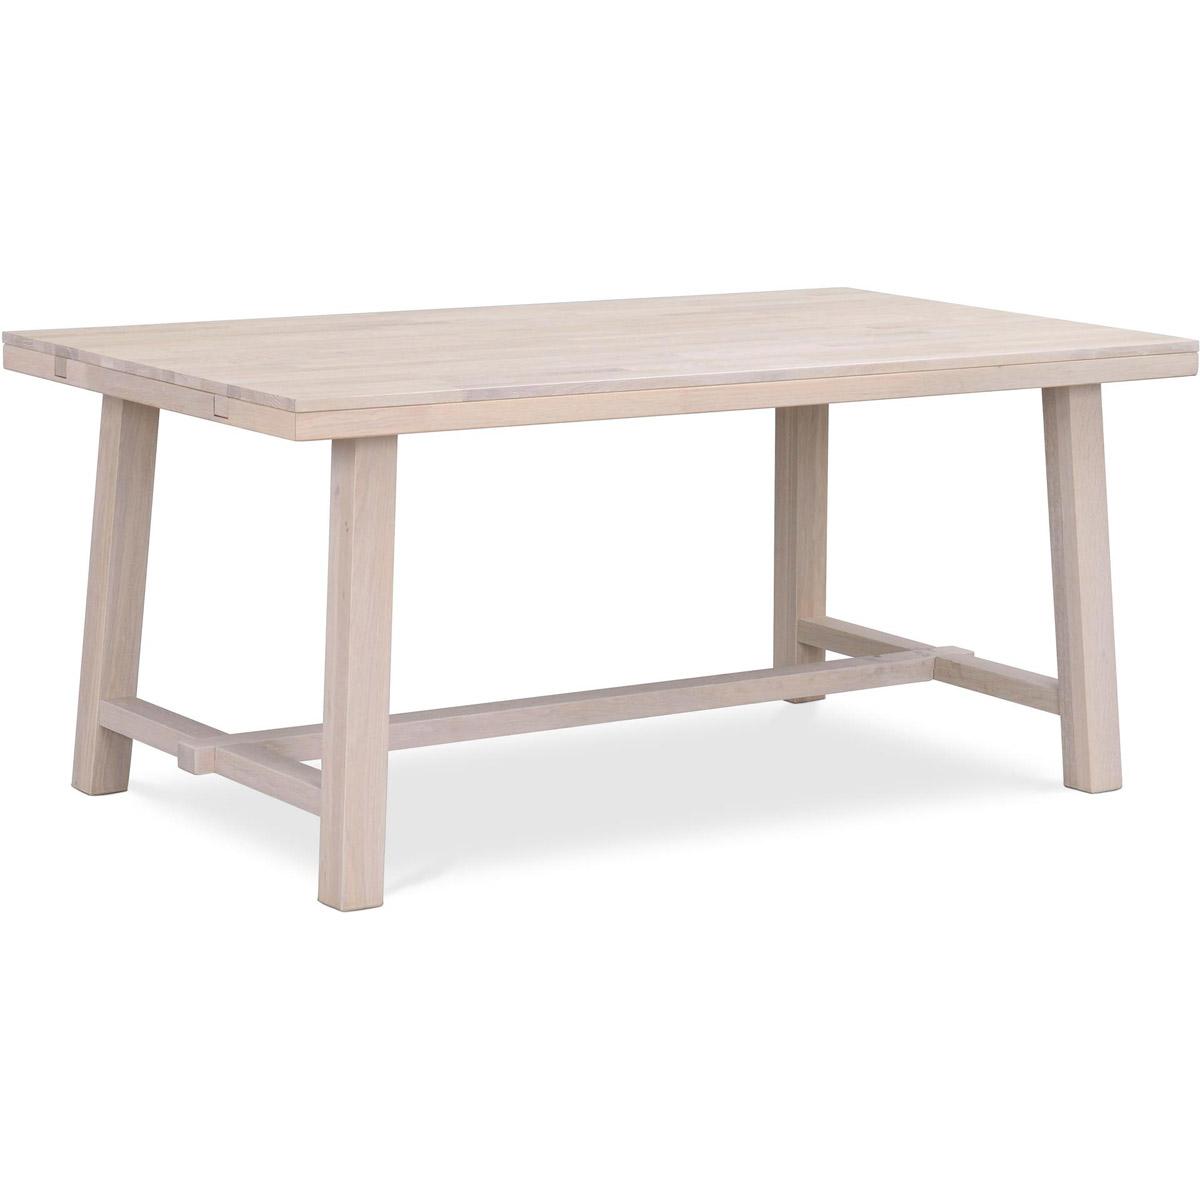 George matbord vitpigmenterad